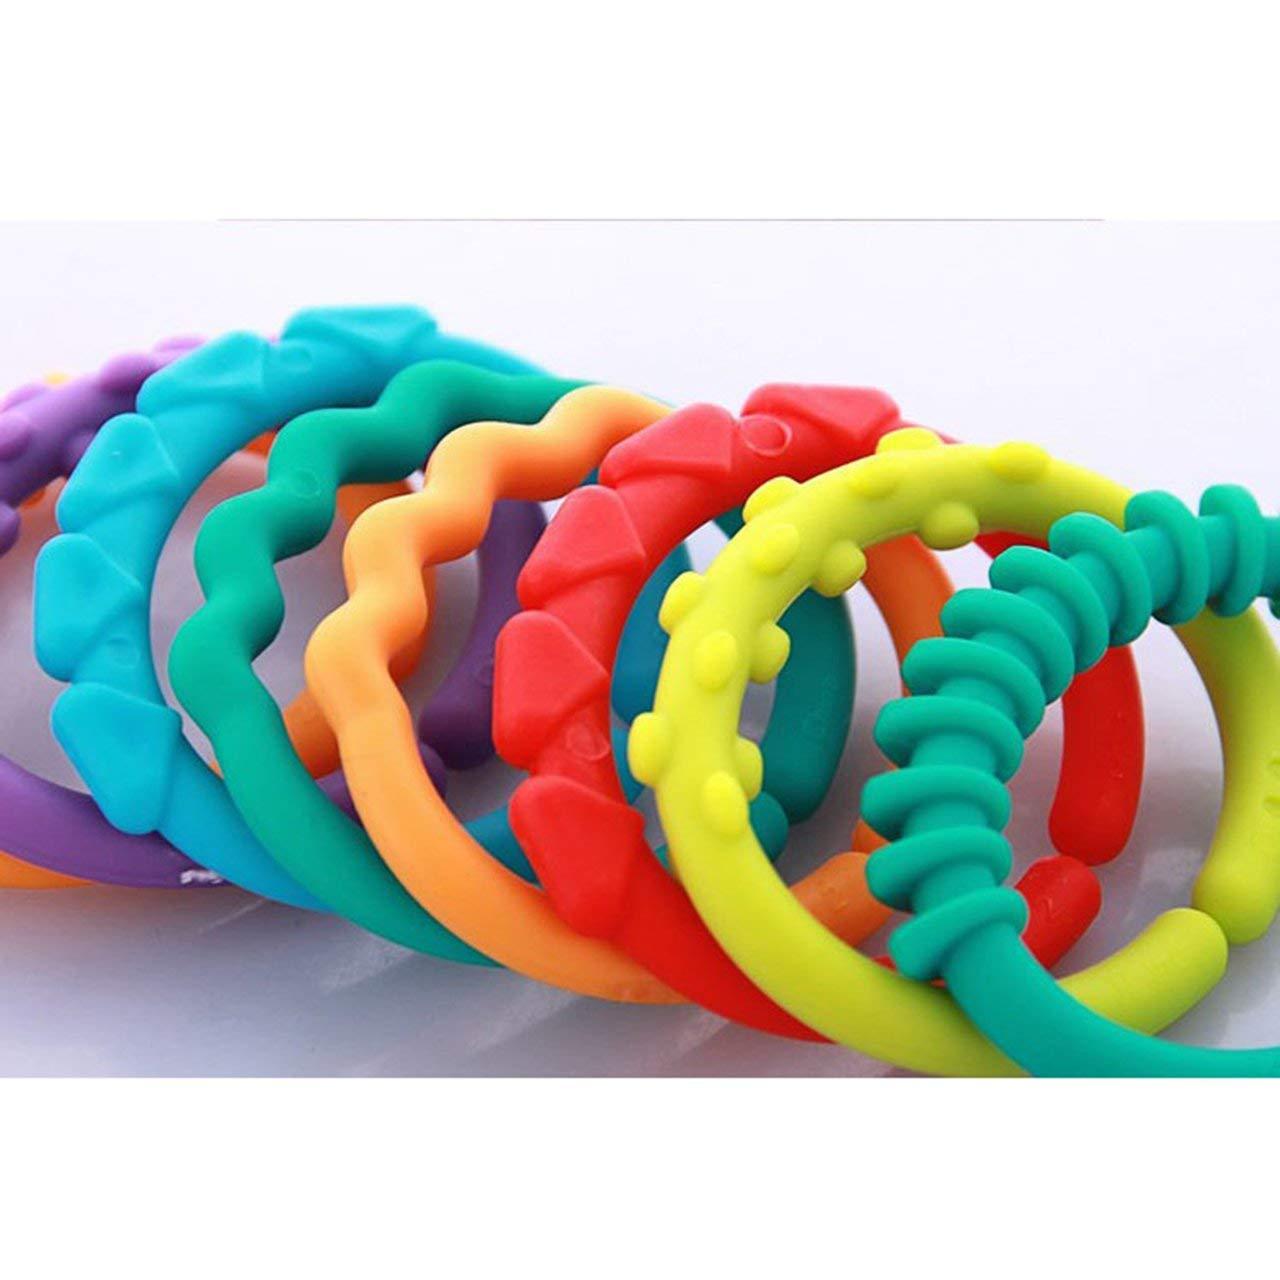 24pcs b/éb/é anneau de dentition molle anneau de cha/îne molaires de dentition darc-en-ciel de dentition de jouets de b/éb/é de BPA lib/èrent le jouet de d/éveloppement t/ôt de b/éb/é Multicolore